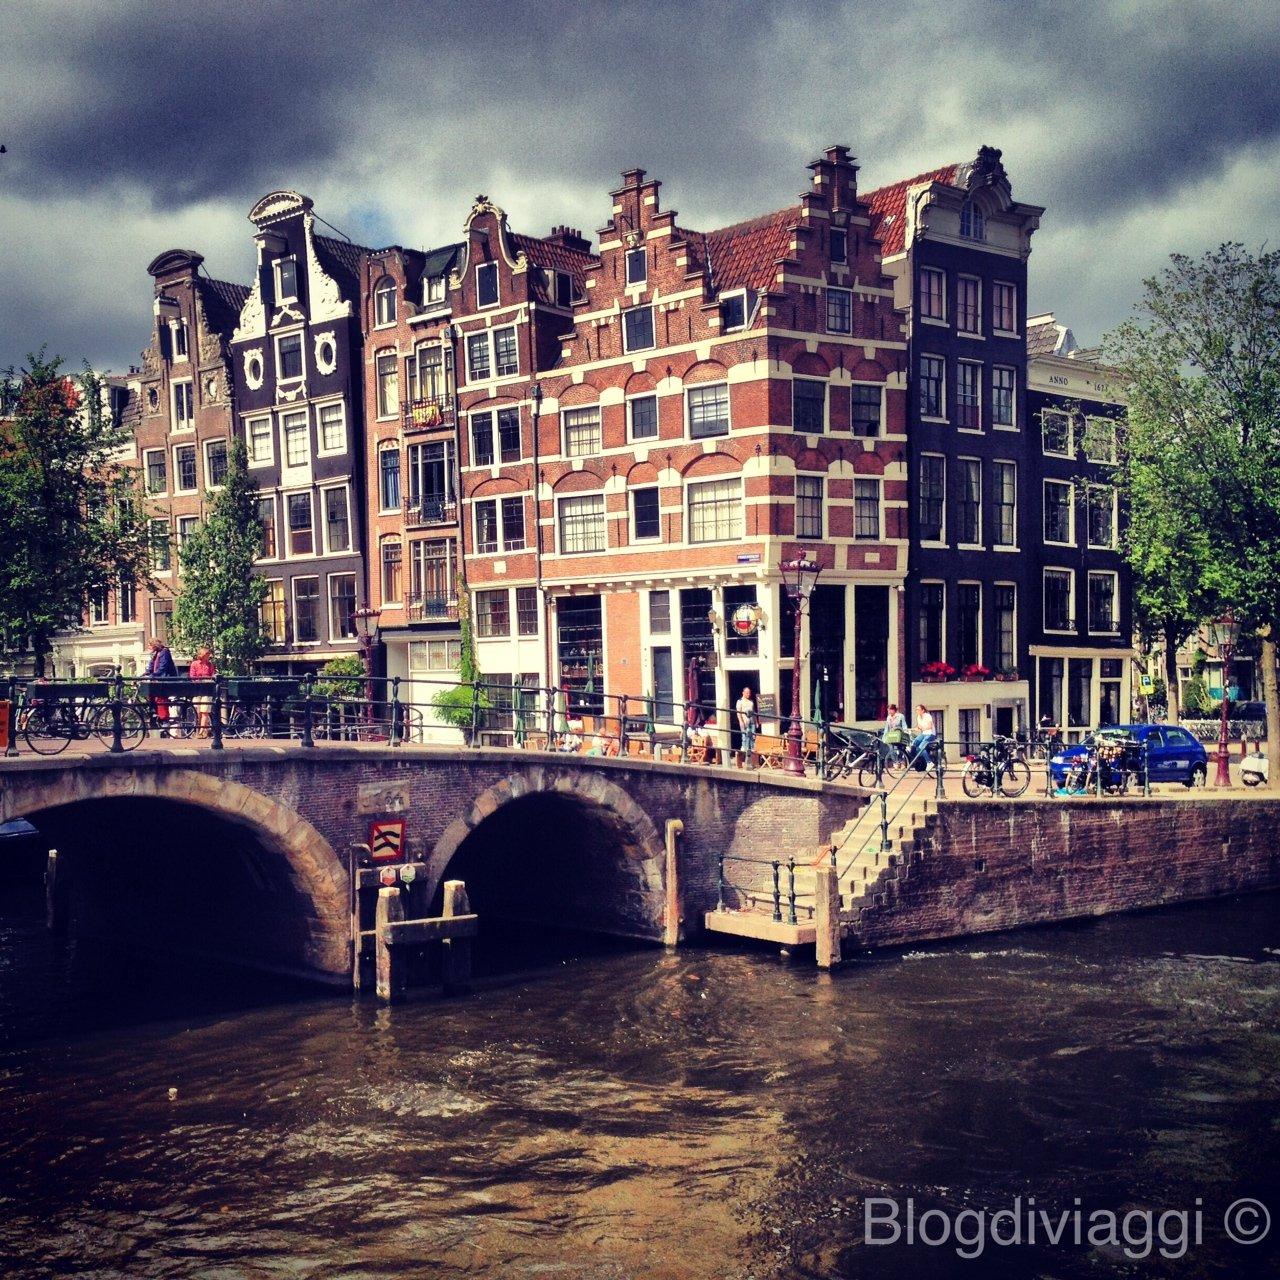 Centro di amsterdam in 10 foto blog di viaggi for Centro di amsterdam